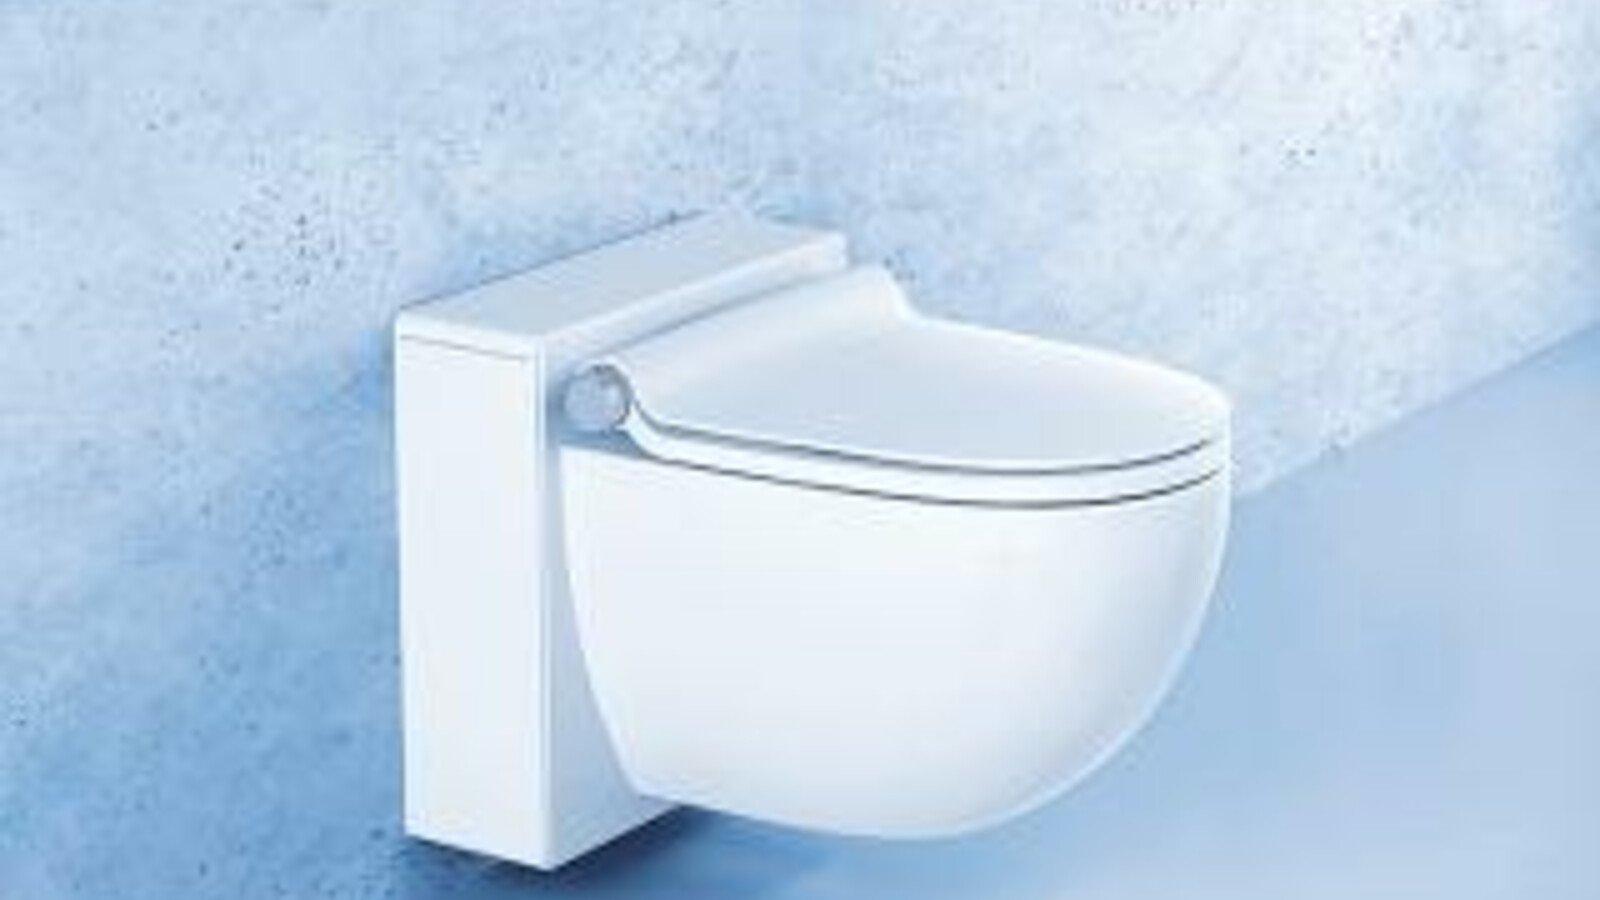 Zelfbouwmarkt grohe toiletten aan onklopbare prijzen bouwen